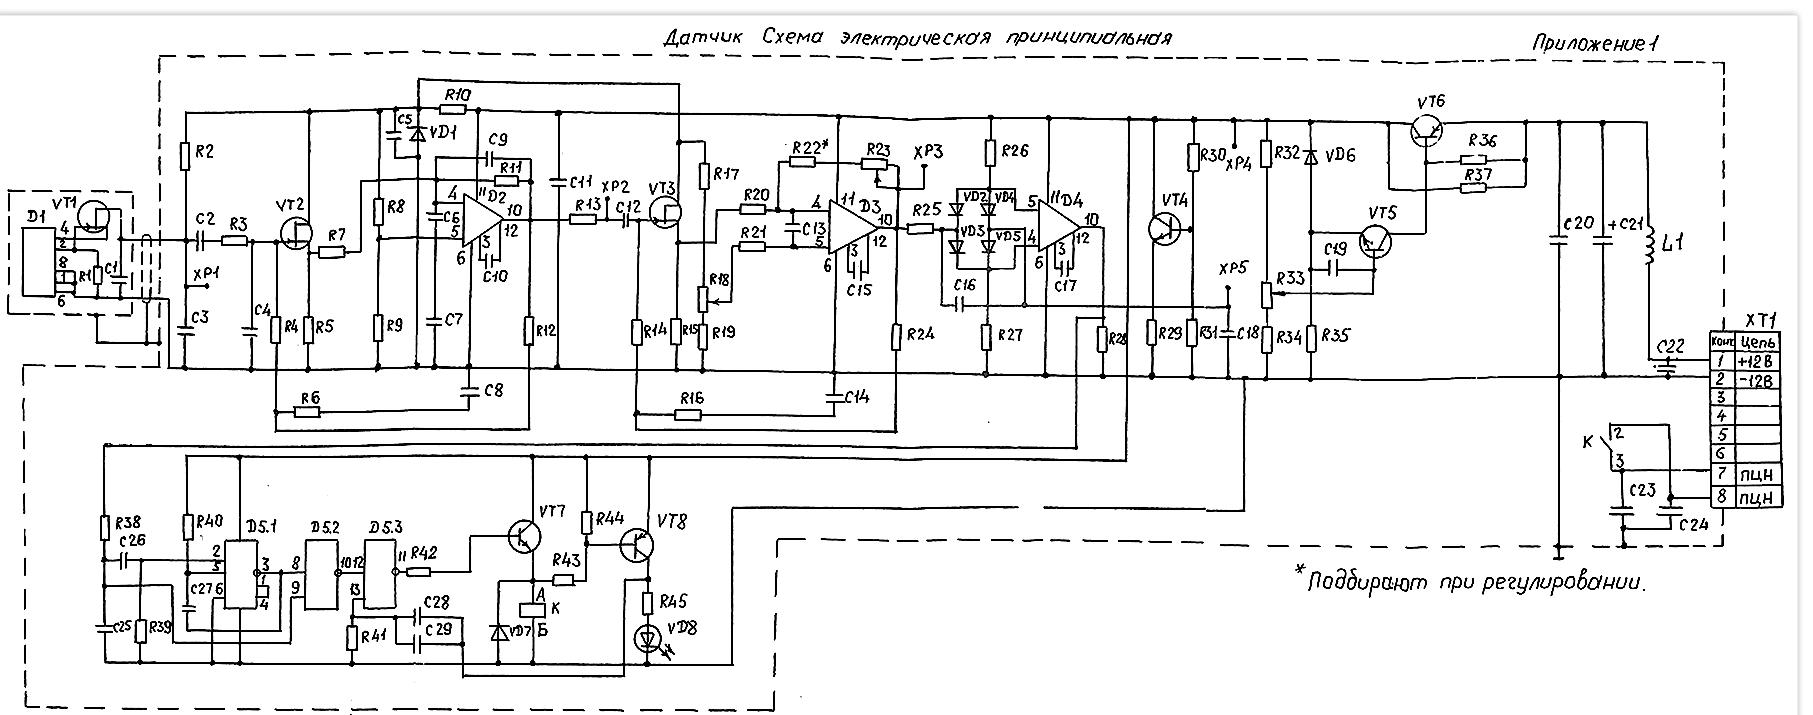 Схема датчика движения для освещения своими руками схема